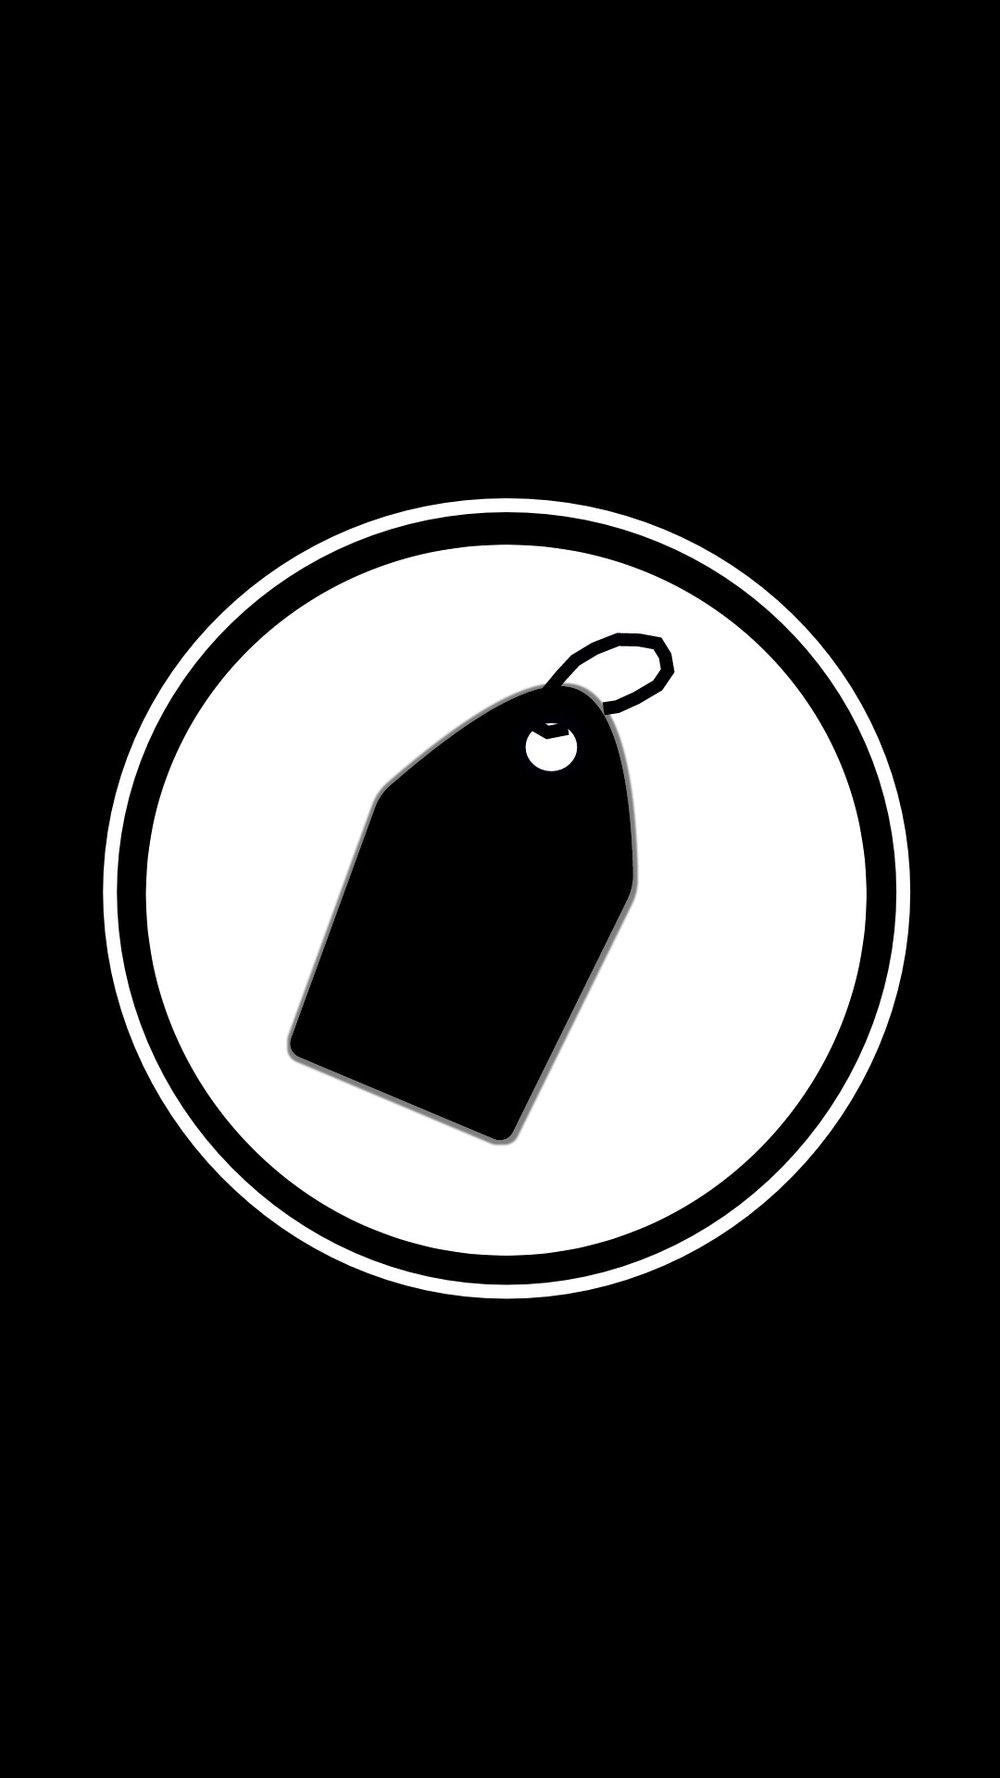 Instagram-cover-tag-black-lotnotes.com.jpg